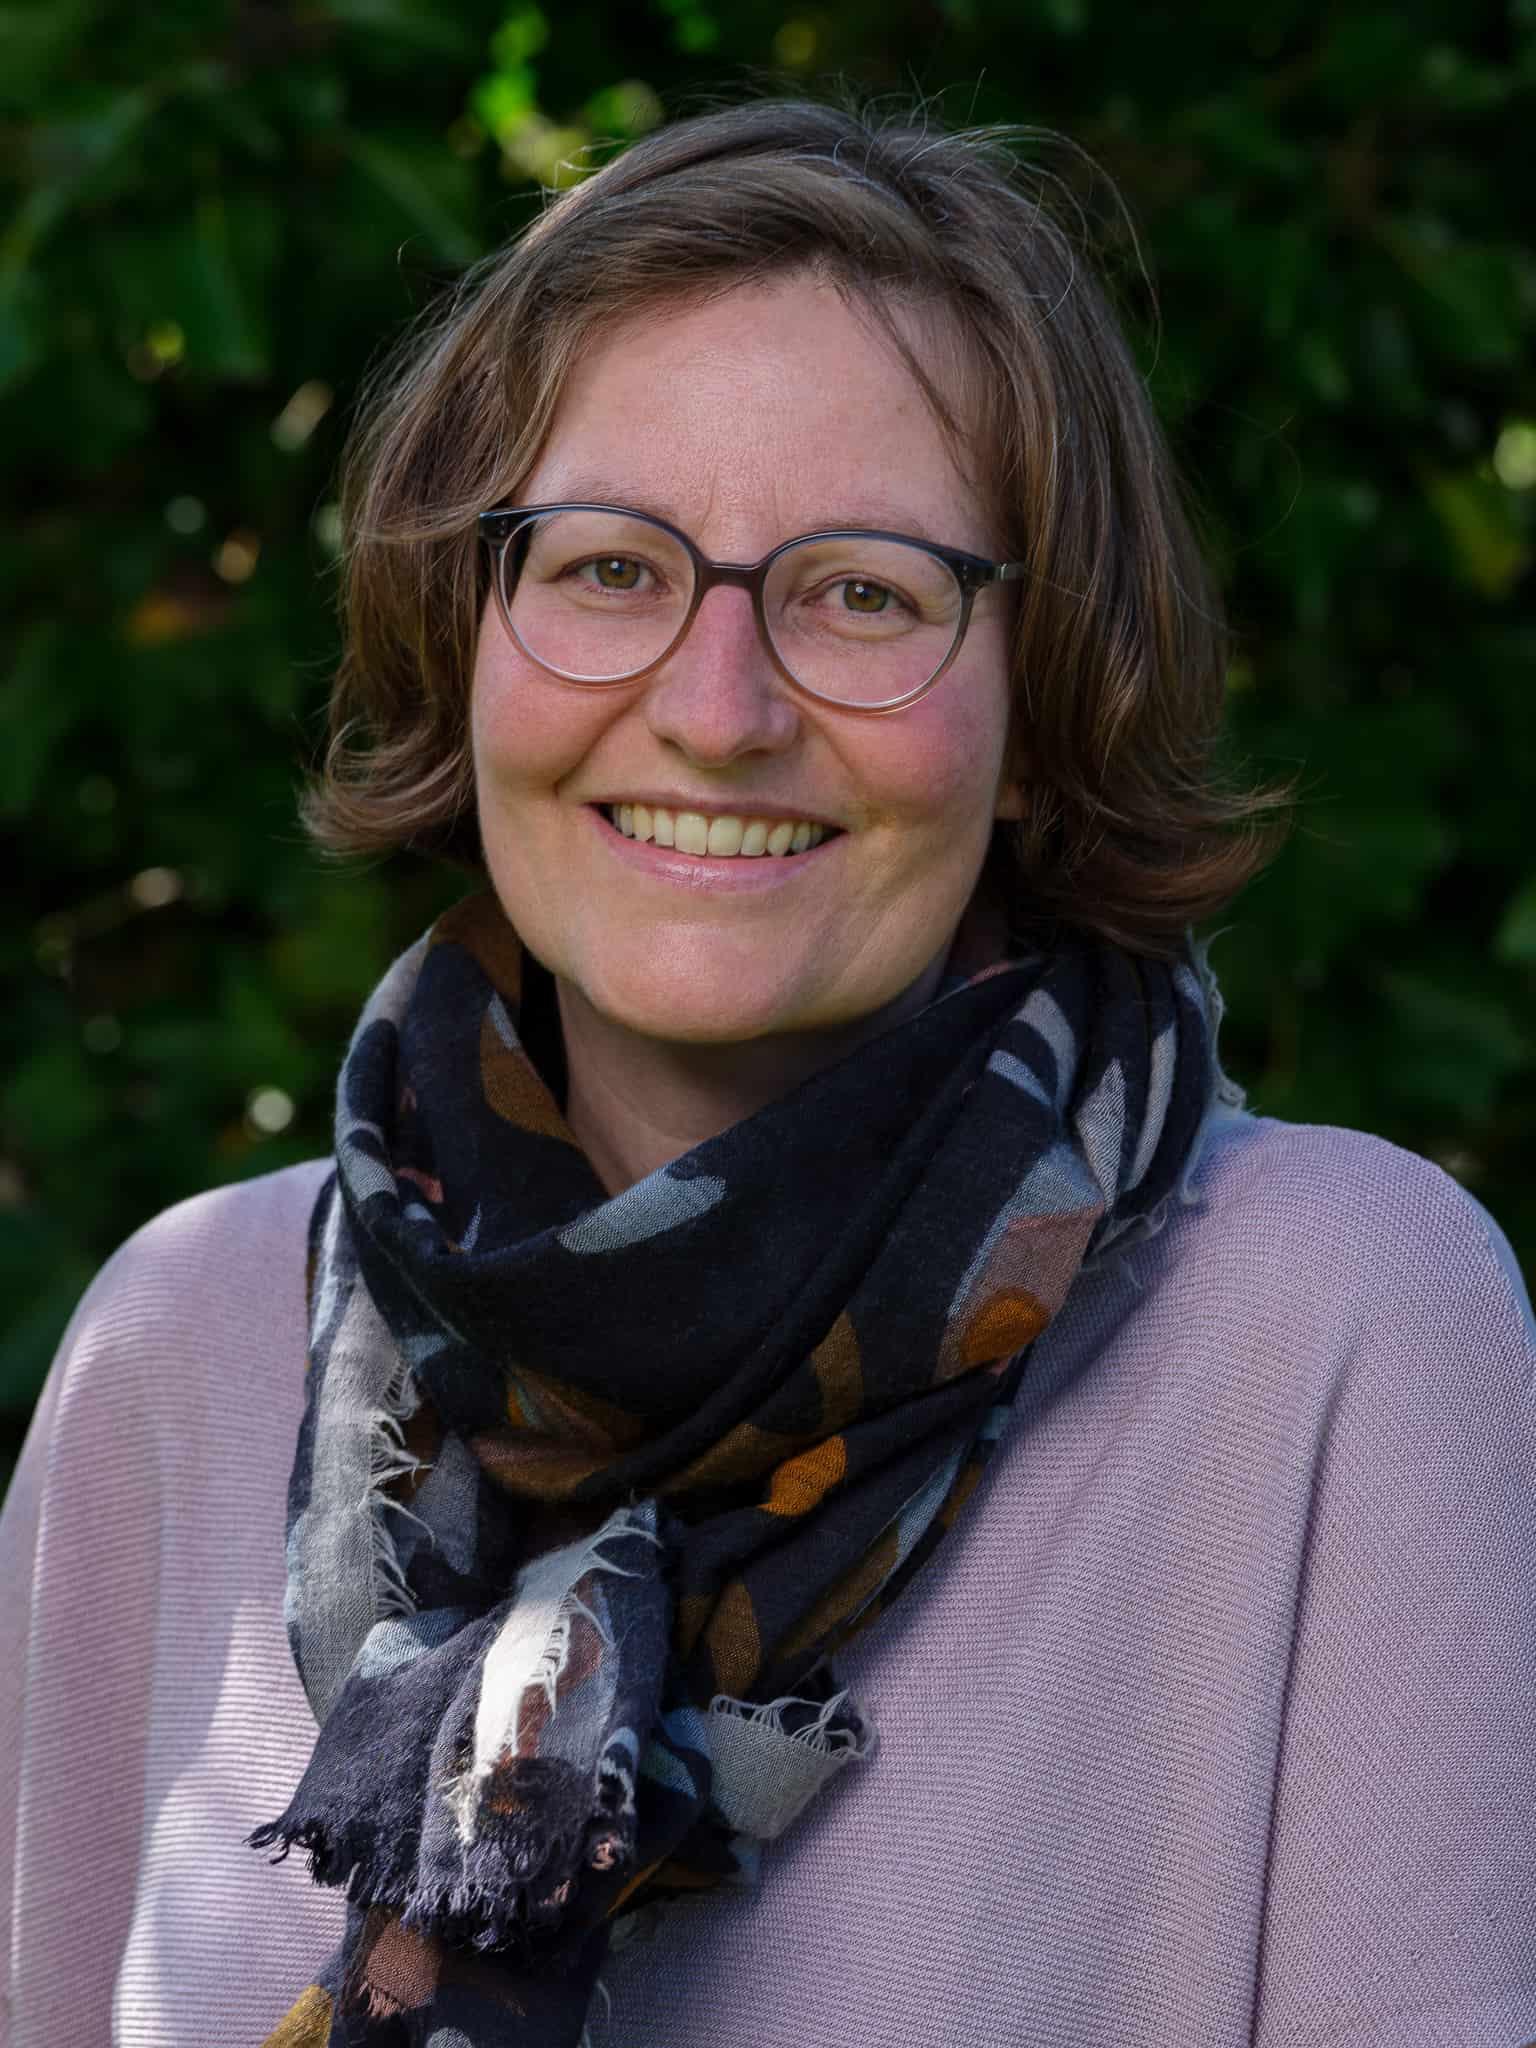 Christina Bürli